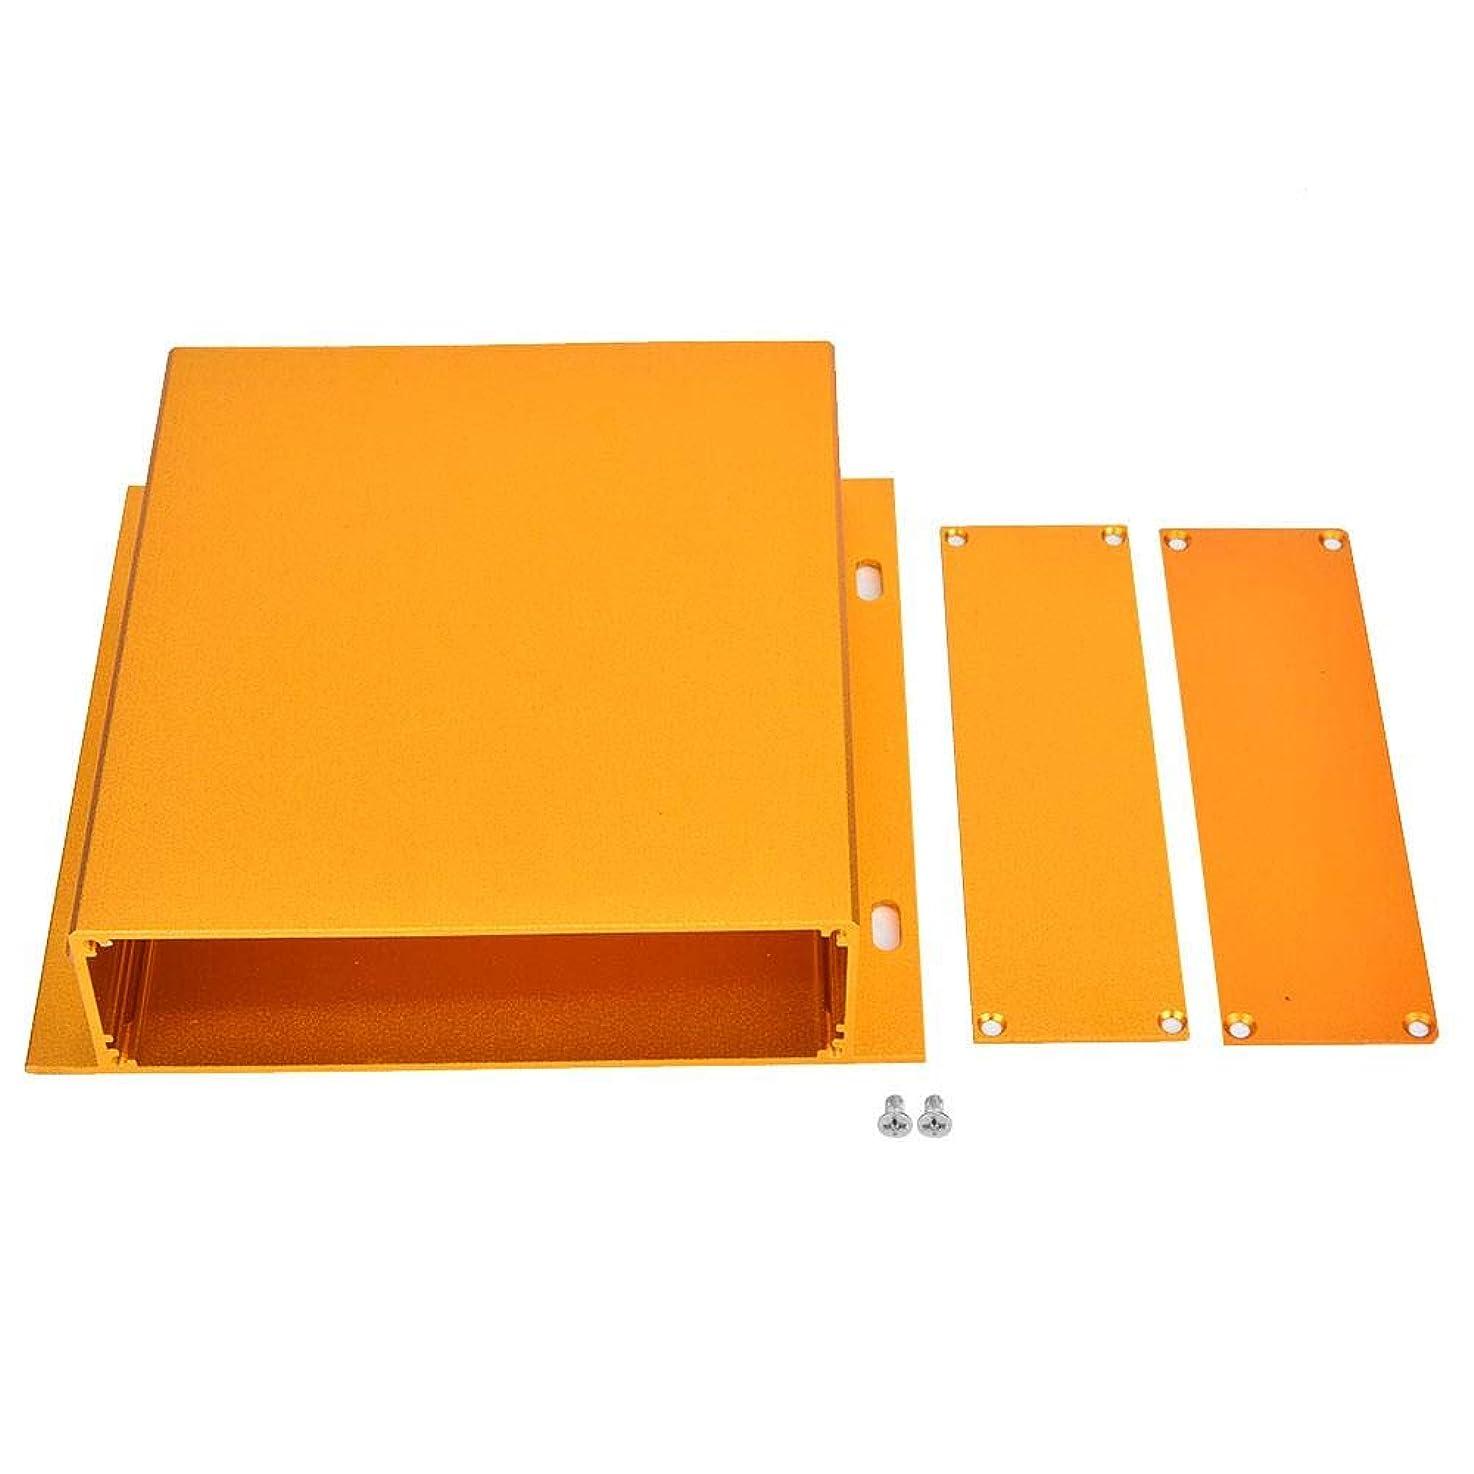 マグ前提ふつう電子プロジェクトケース、39 x 158 x 150mmアルミニウム合金DIY配線エンクロージャーインストゥルメントケース、サンドブラスト酸化金ヒートシンクプリント回路基板保護ジャンクションボックス